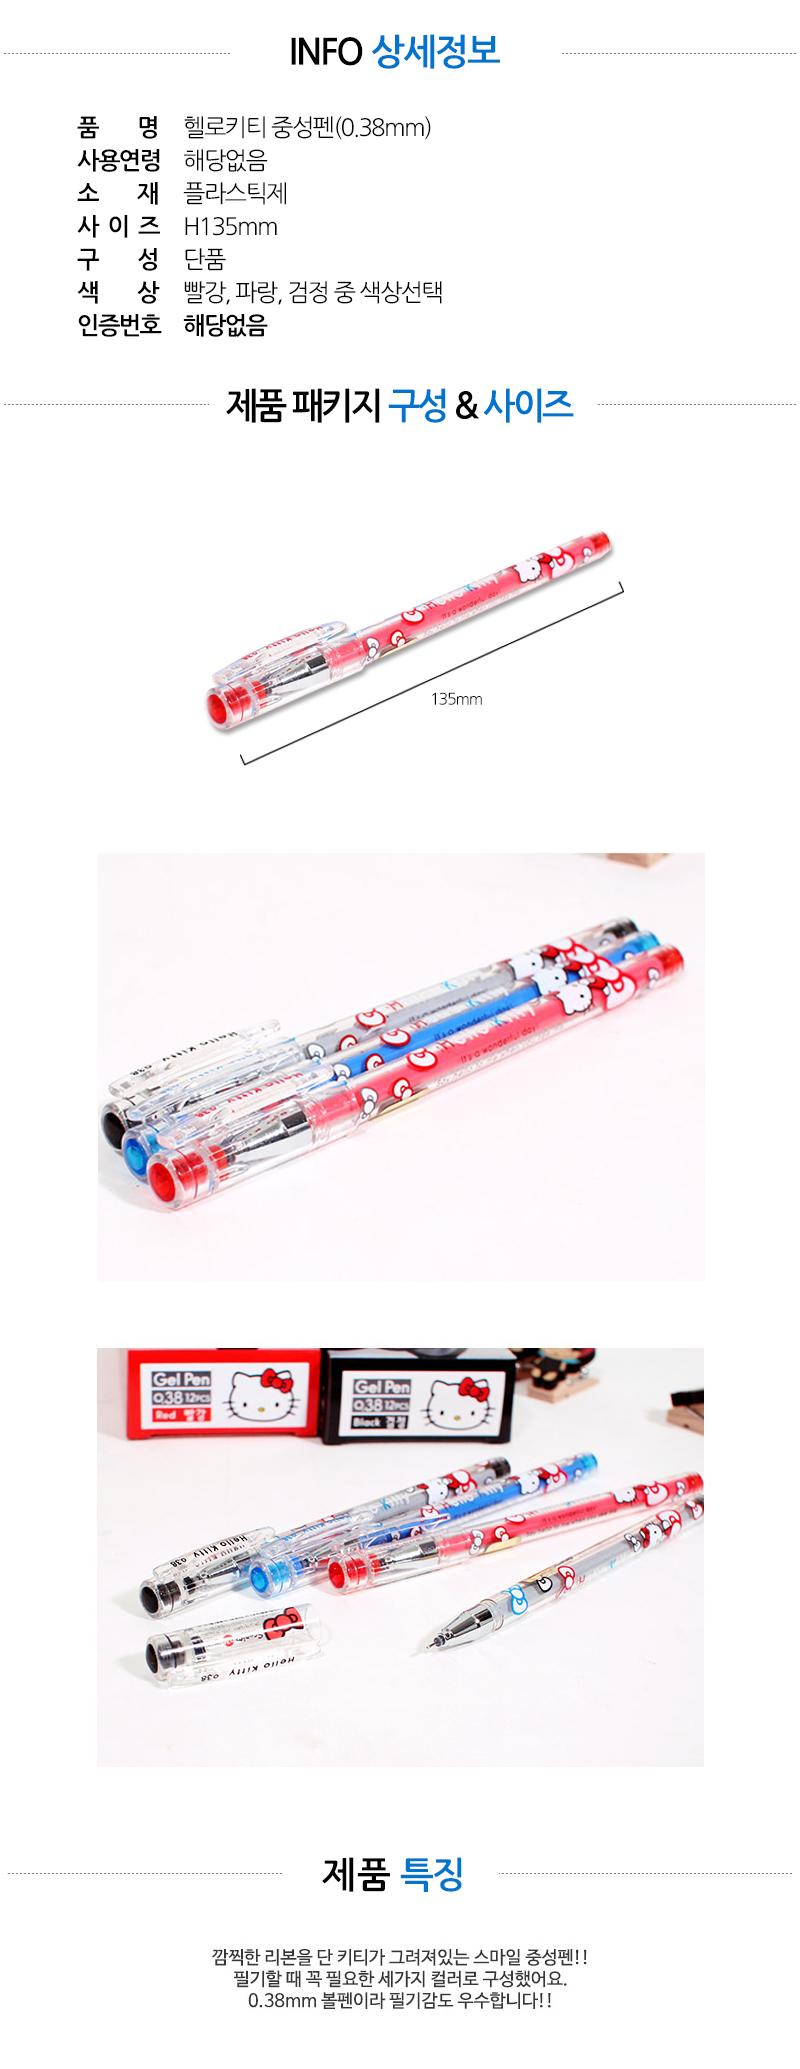 헬로키티 중성펜 - 킹콩박스, 600원, 볼펜, 캐릭터 볼펜